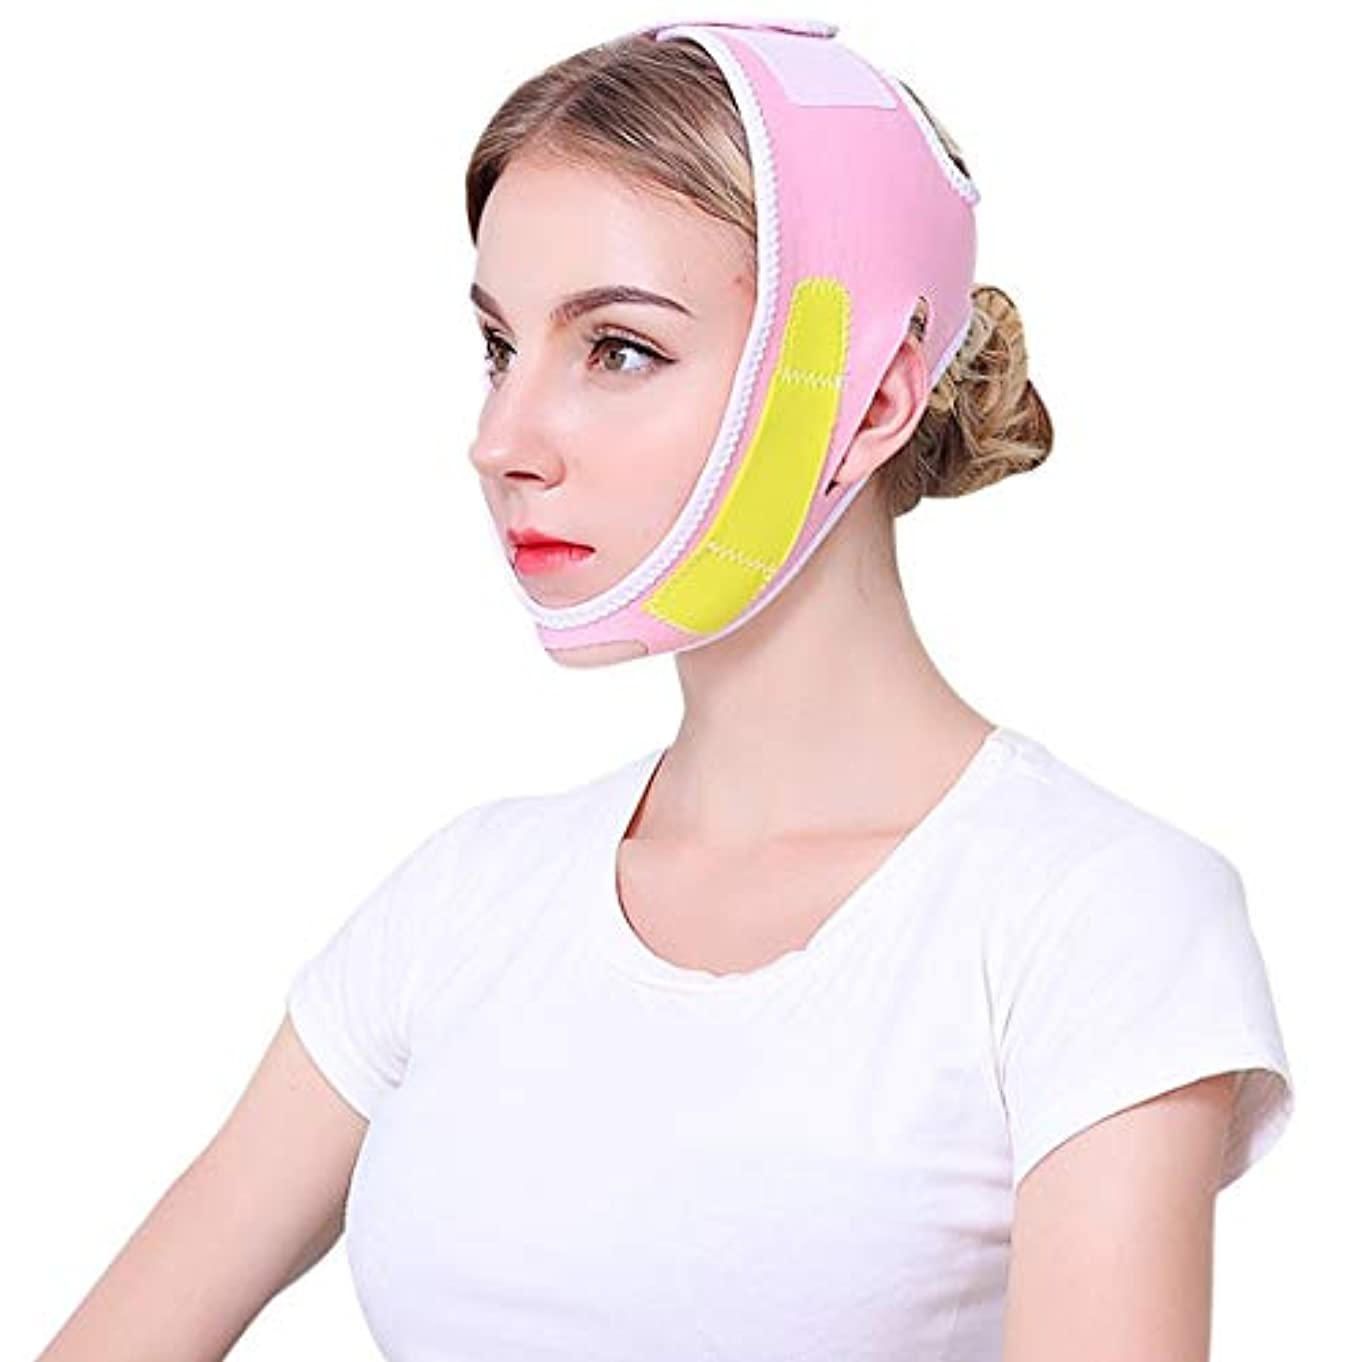 シフトペリスコープ言及するZWBD フェイスマスク, 薄い顔の包帯睡眠小さいv顔アーティファクトプル型二重あご線術後矯正薄い顔ステッカー